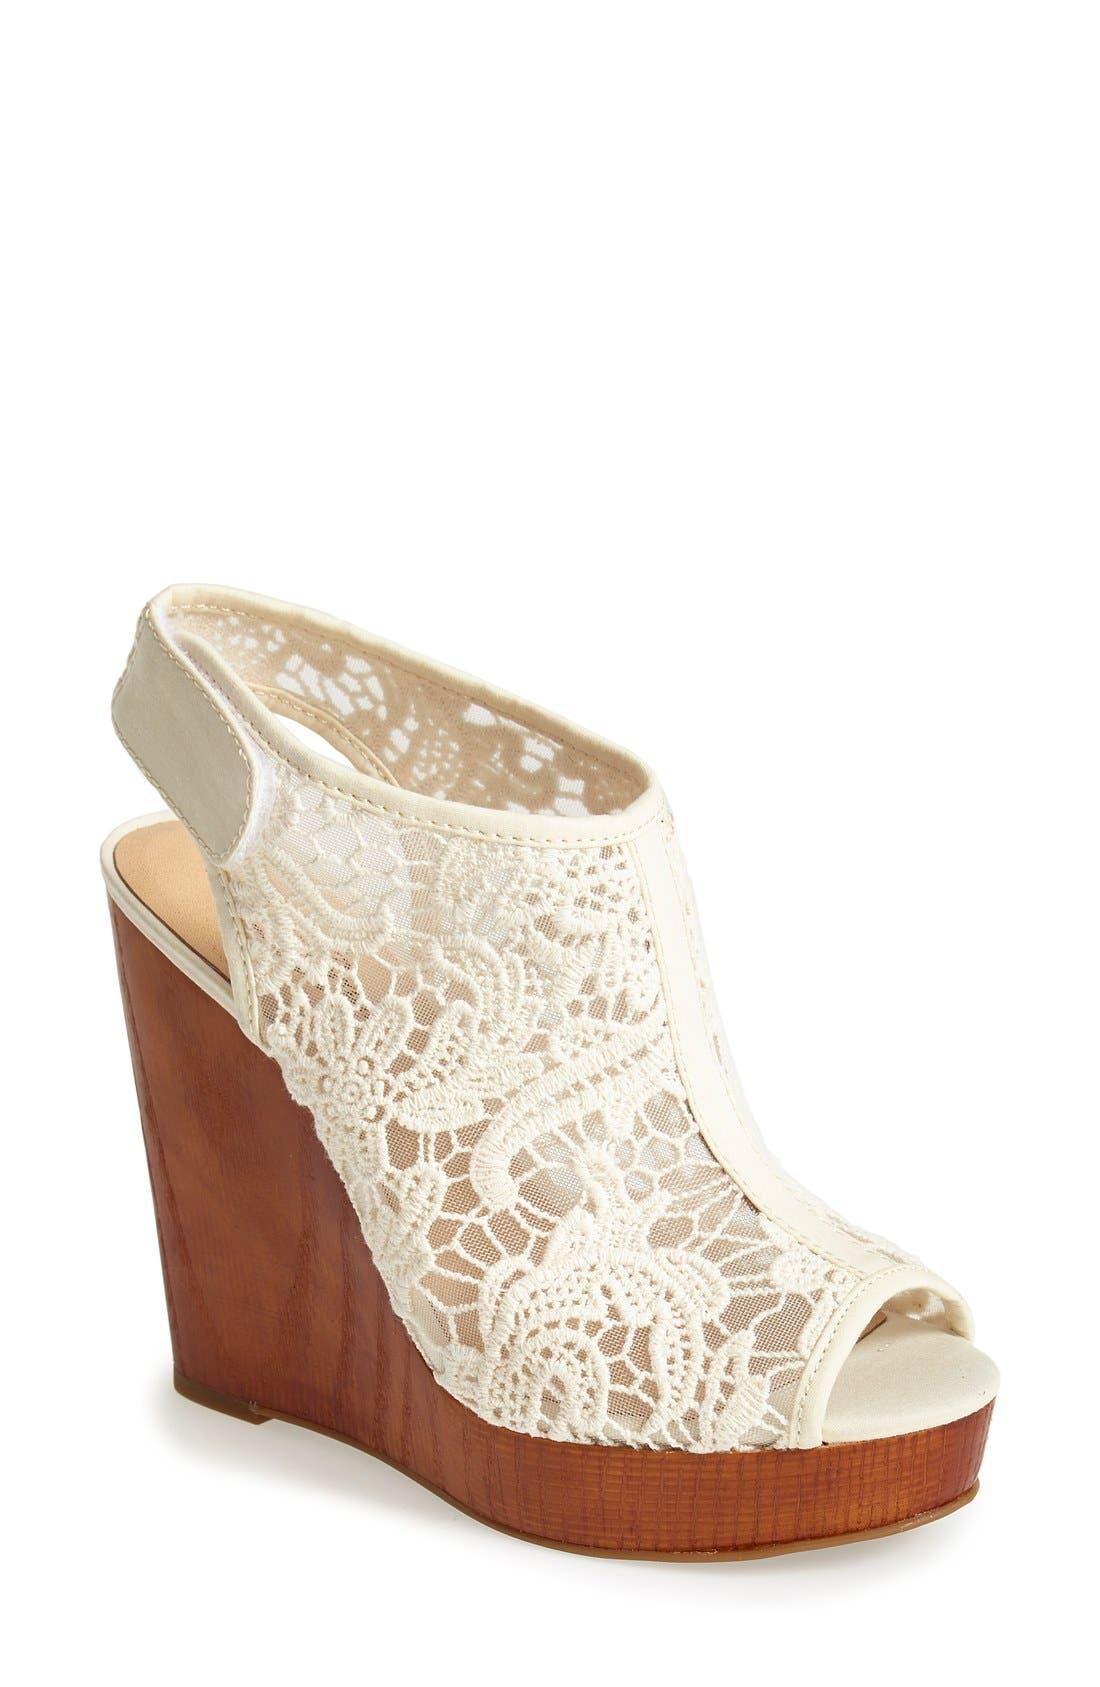 Alternate Image 1 Selected - Lucky Brand 'Rezdah' Wedge Platform Sandal (Women)